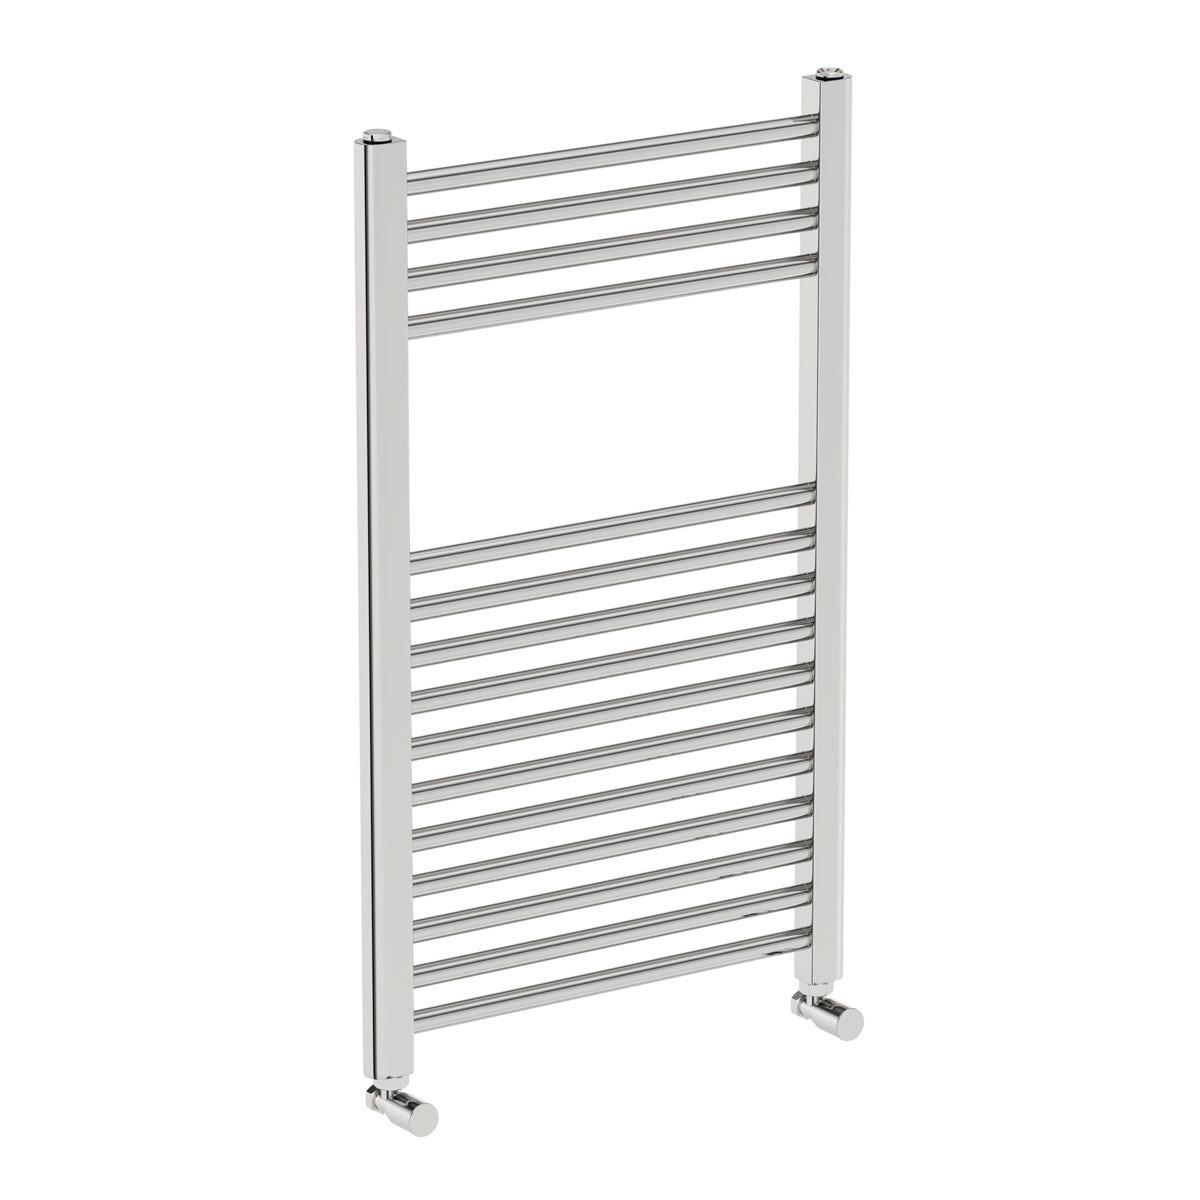 Eden round heated towel rail 800 x 490